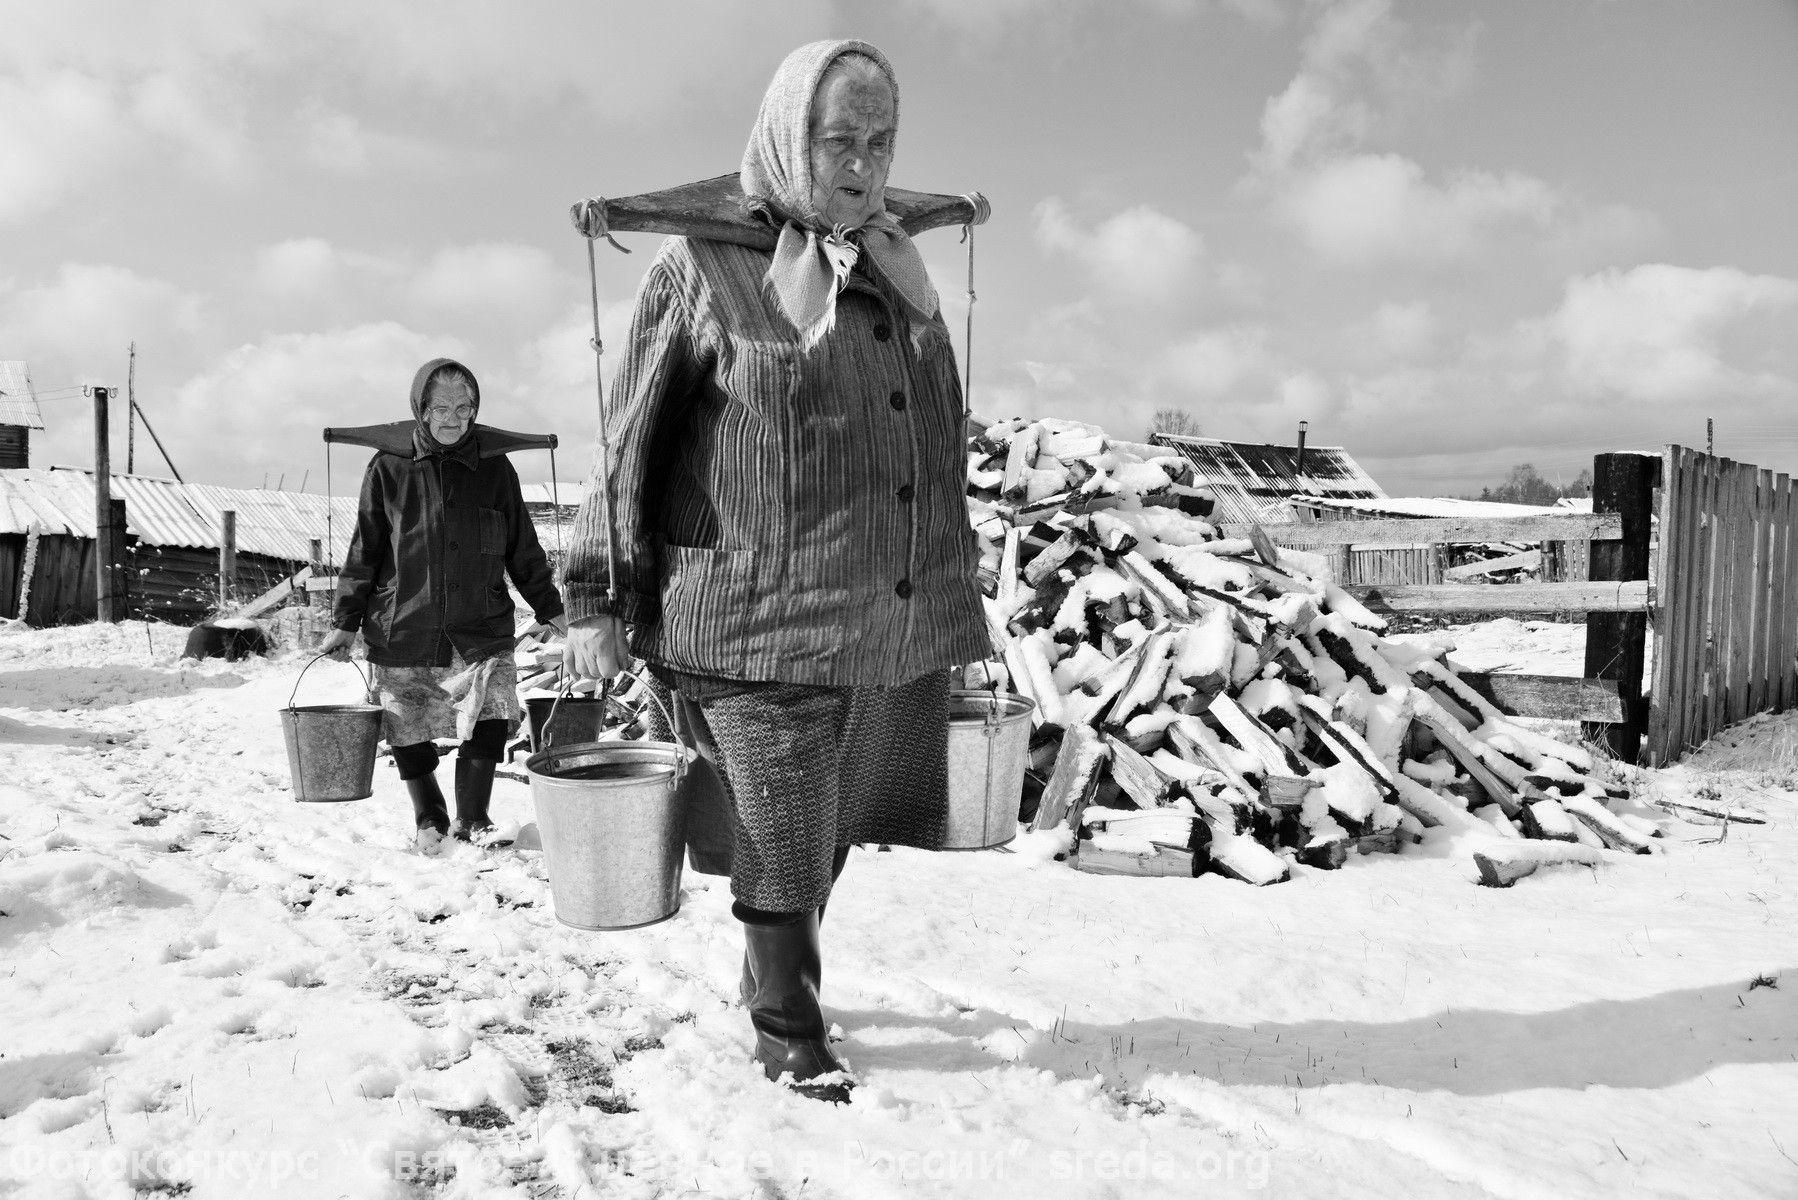 Картинки, жизнь в россии картинки